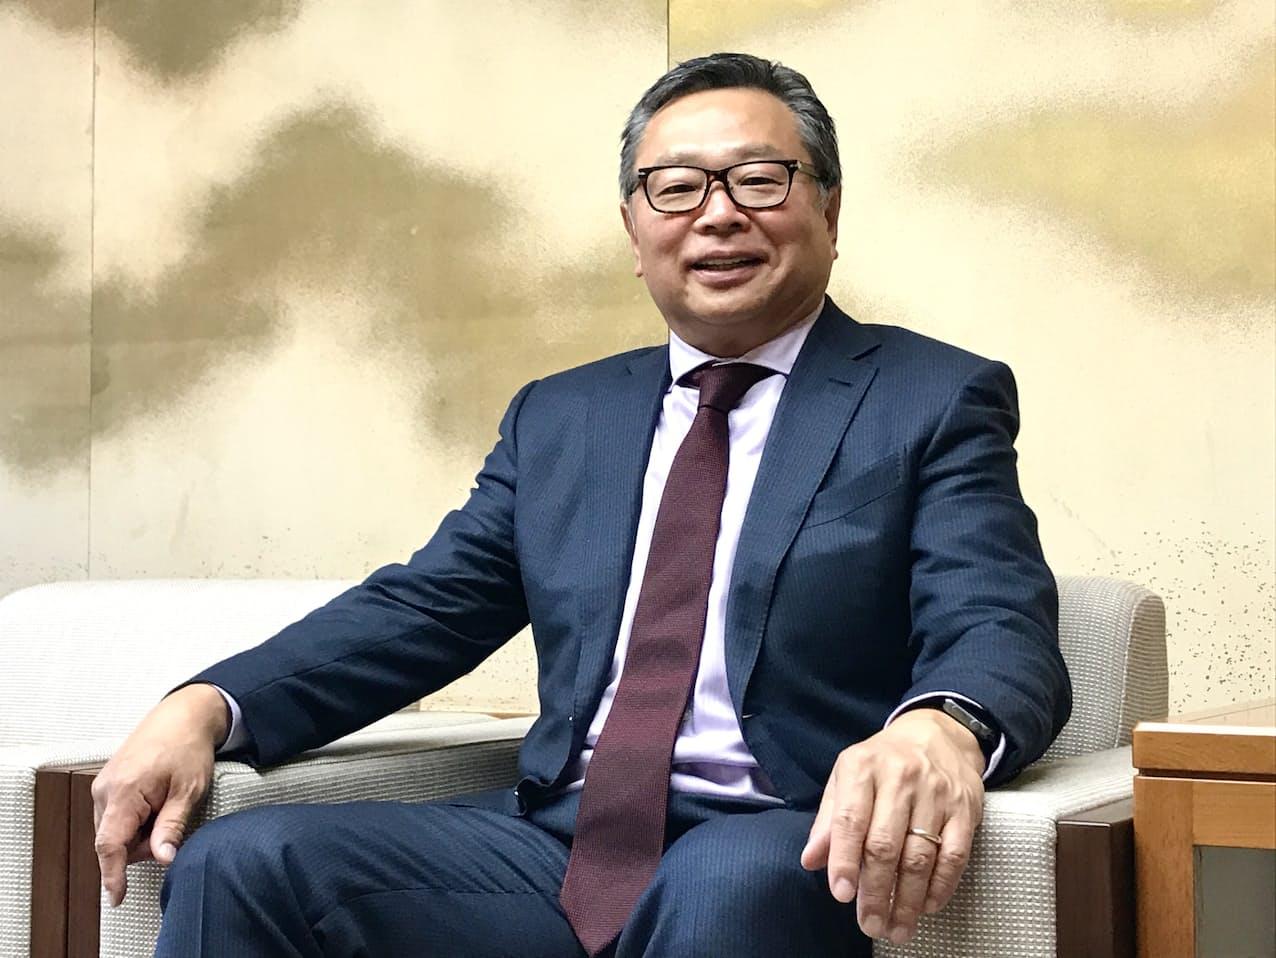 氏家俊明社長は「ONE TADANO」が業績回復のカギを握ると強調する